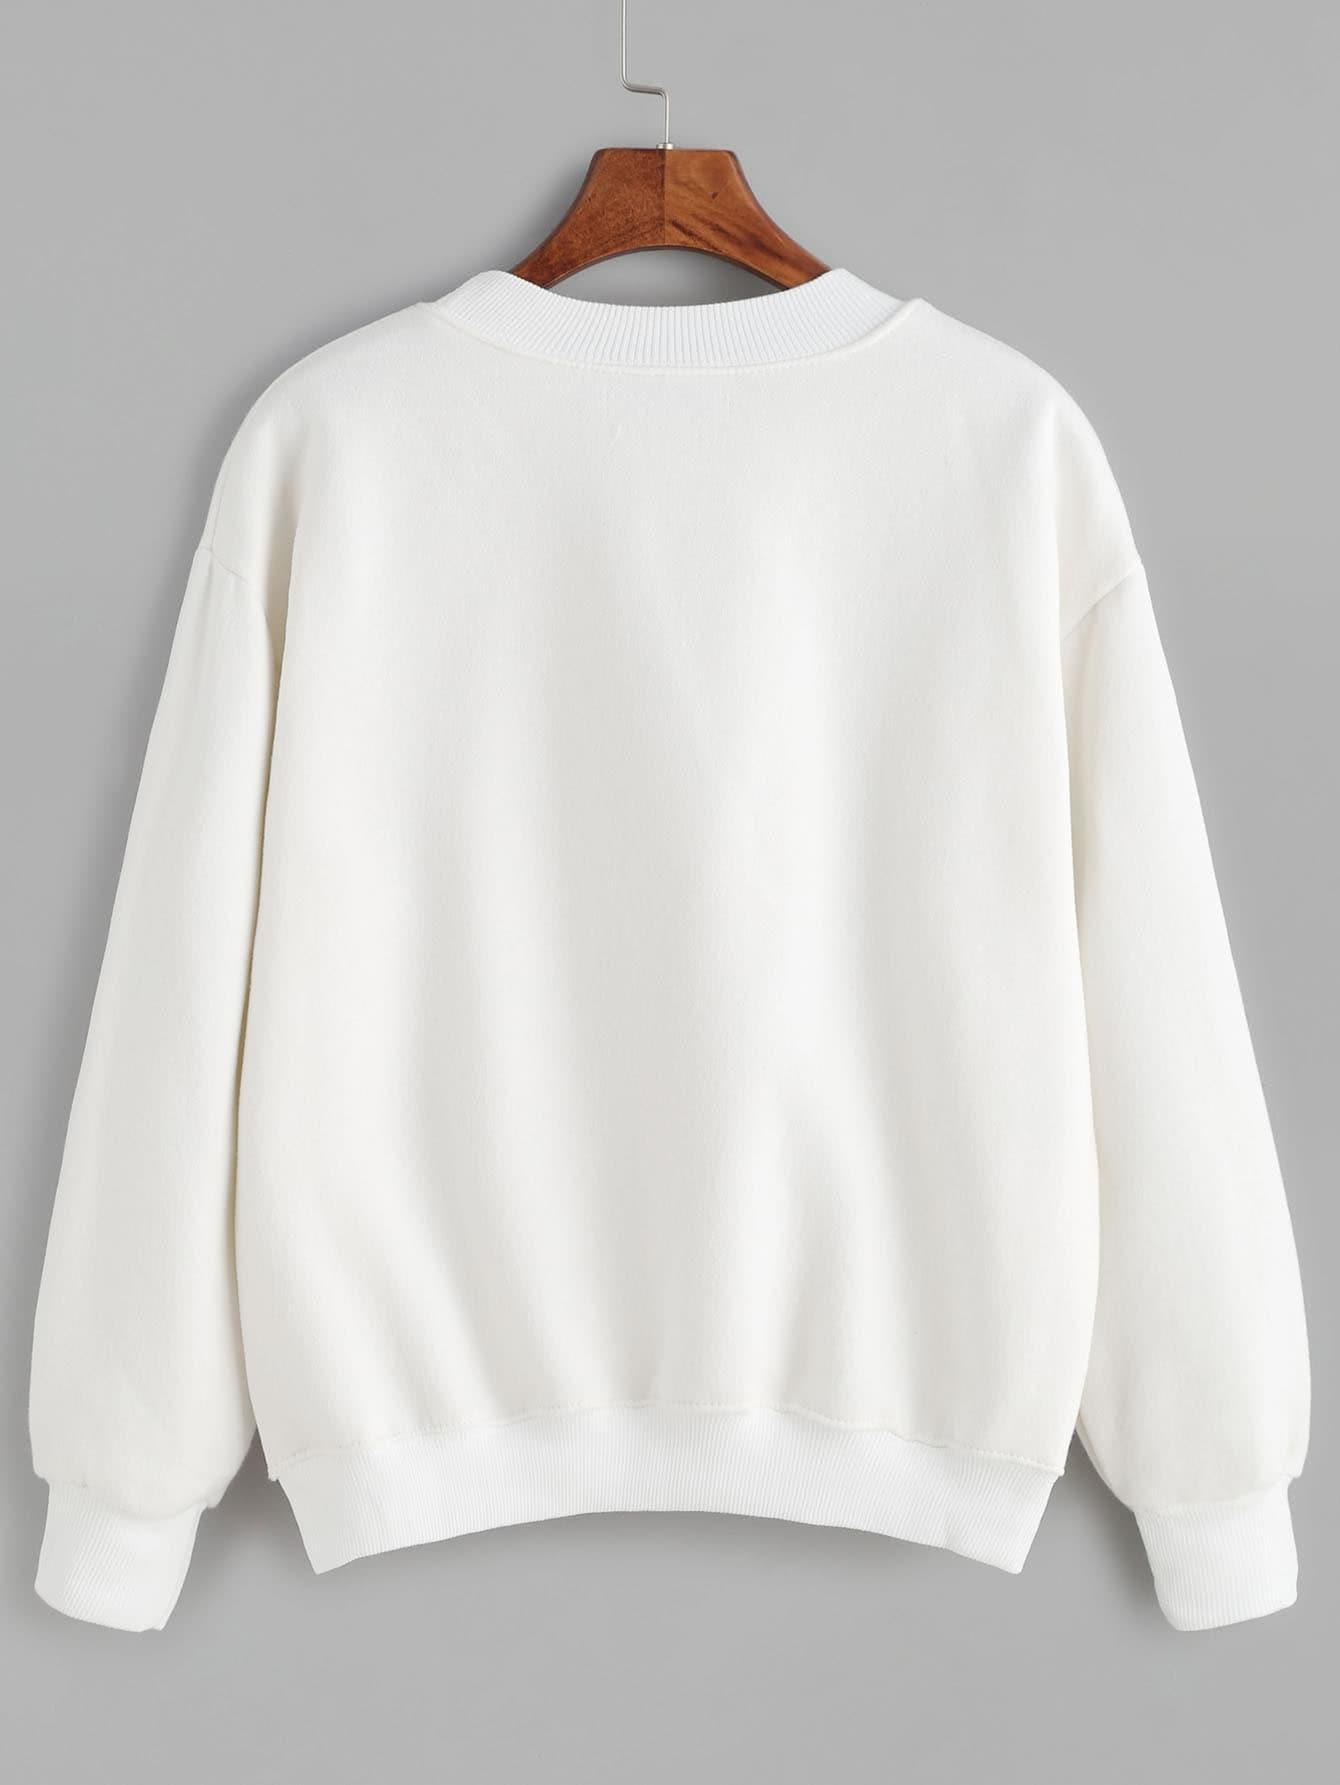 sweatshirt161102401_2